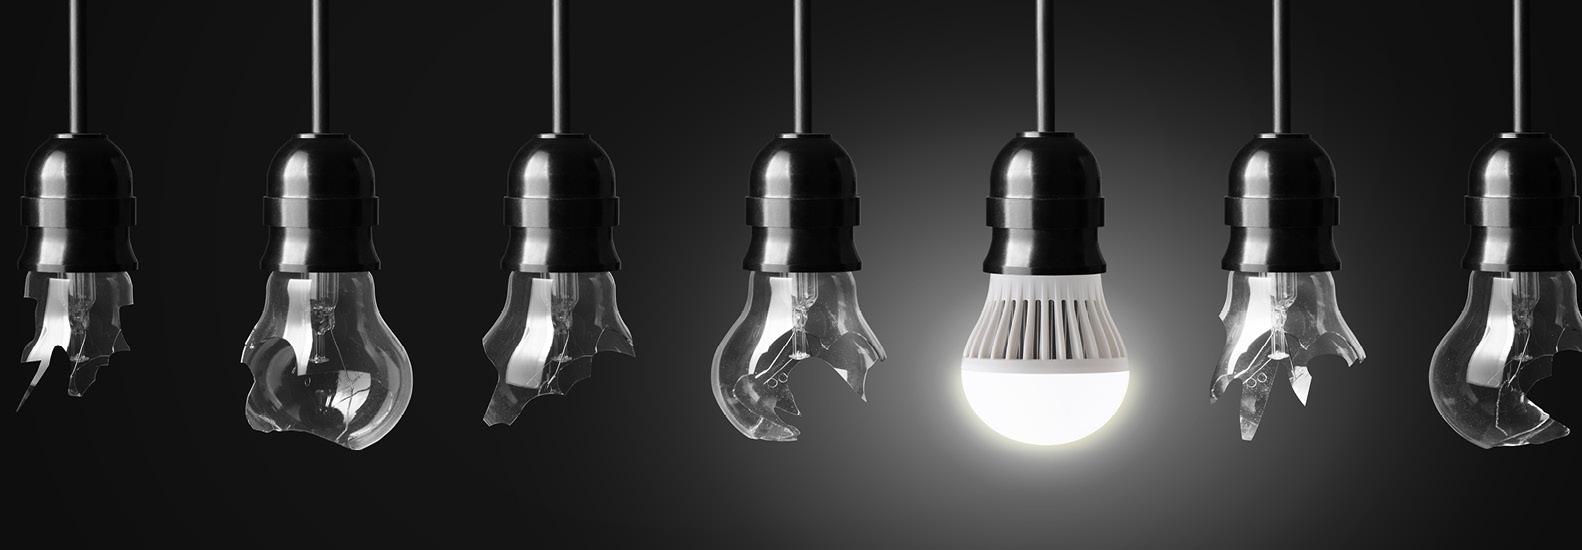 definizione-led-vantaggi-lampadine-led-bolzano-merano-bressanone-bz-alto-adige